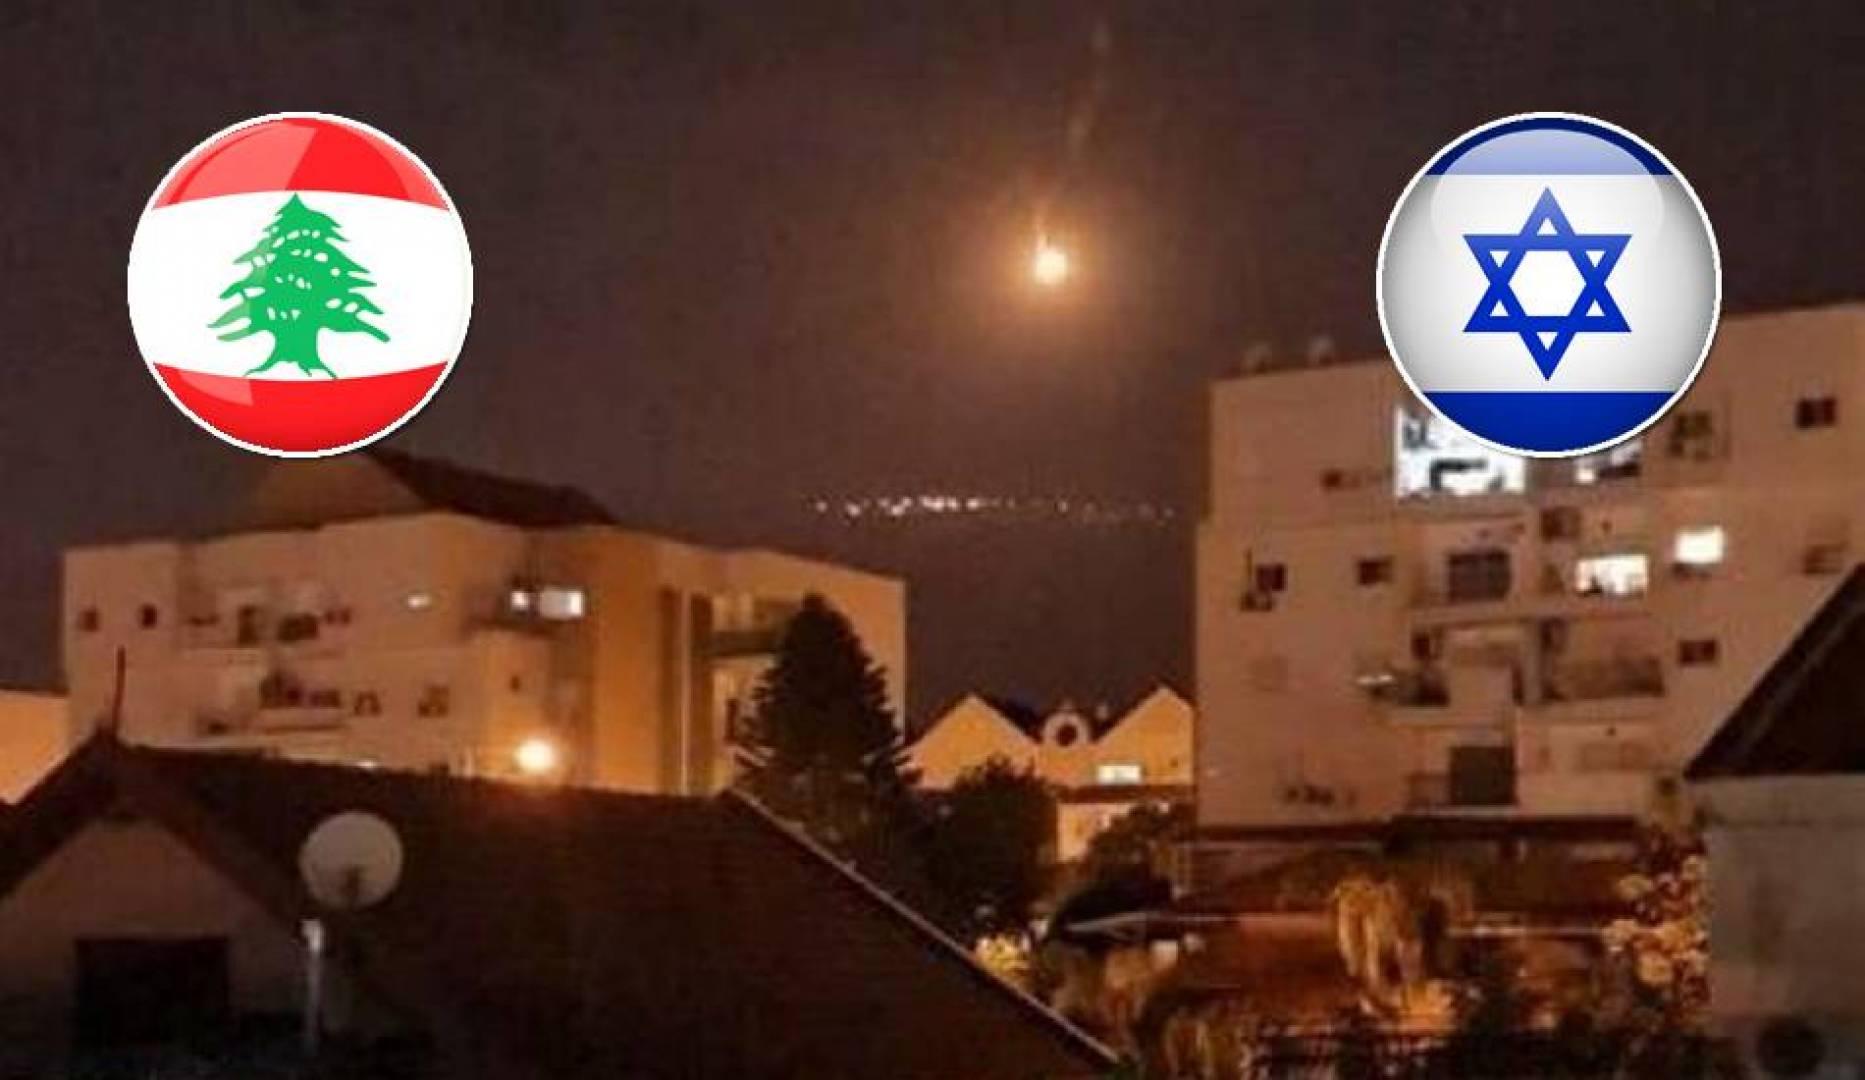 الجيش الإسرائيلي يستدعي مروحياته العسكرية.. لتمشيط الحدود اللبنانية